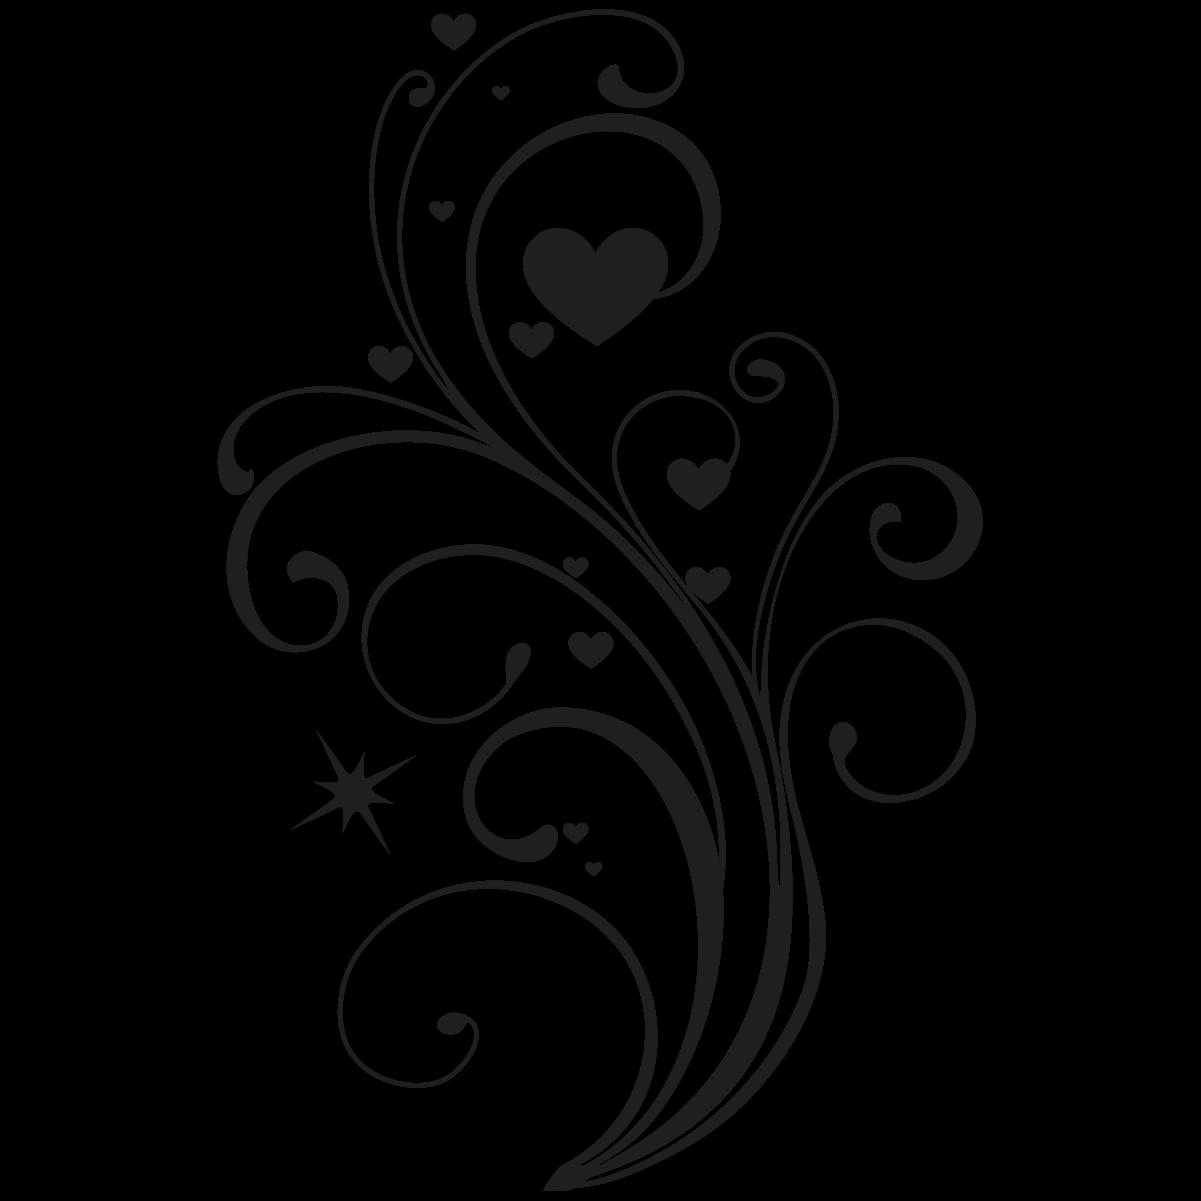 syma balushi 39 s dreamworld floral png. Black Bedroom Furniture Sets. Home Design Ideas